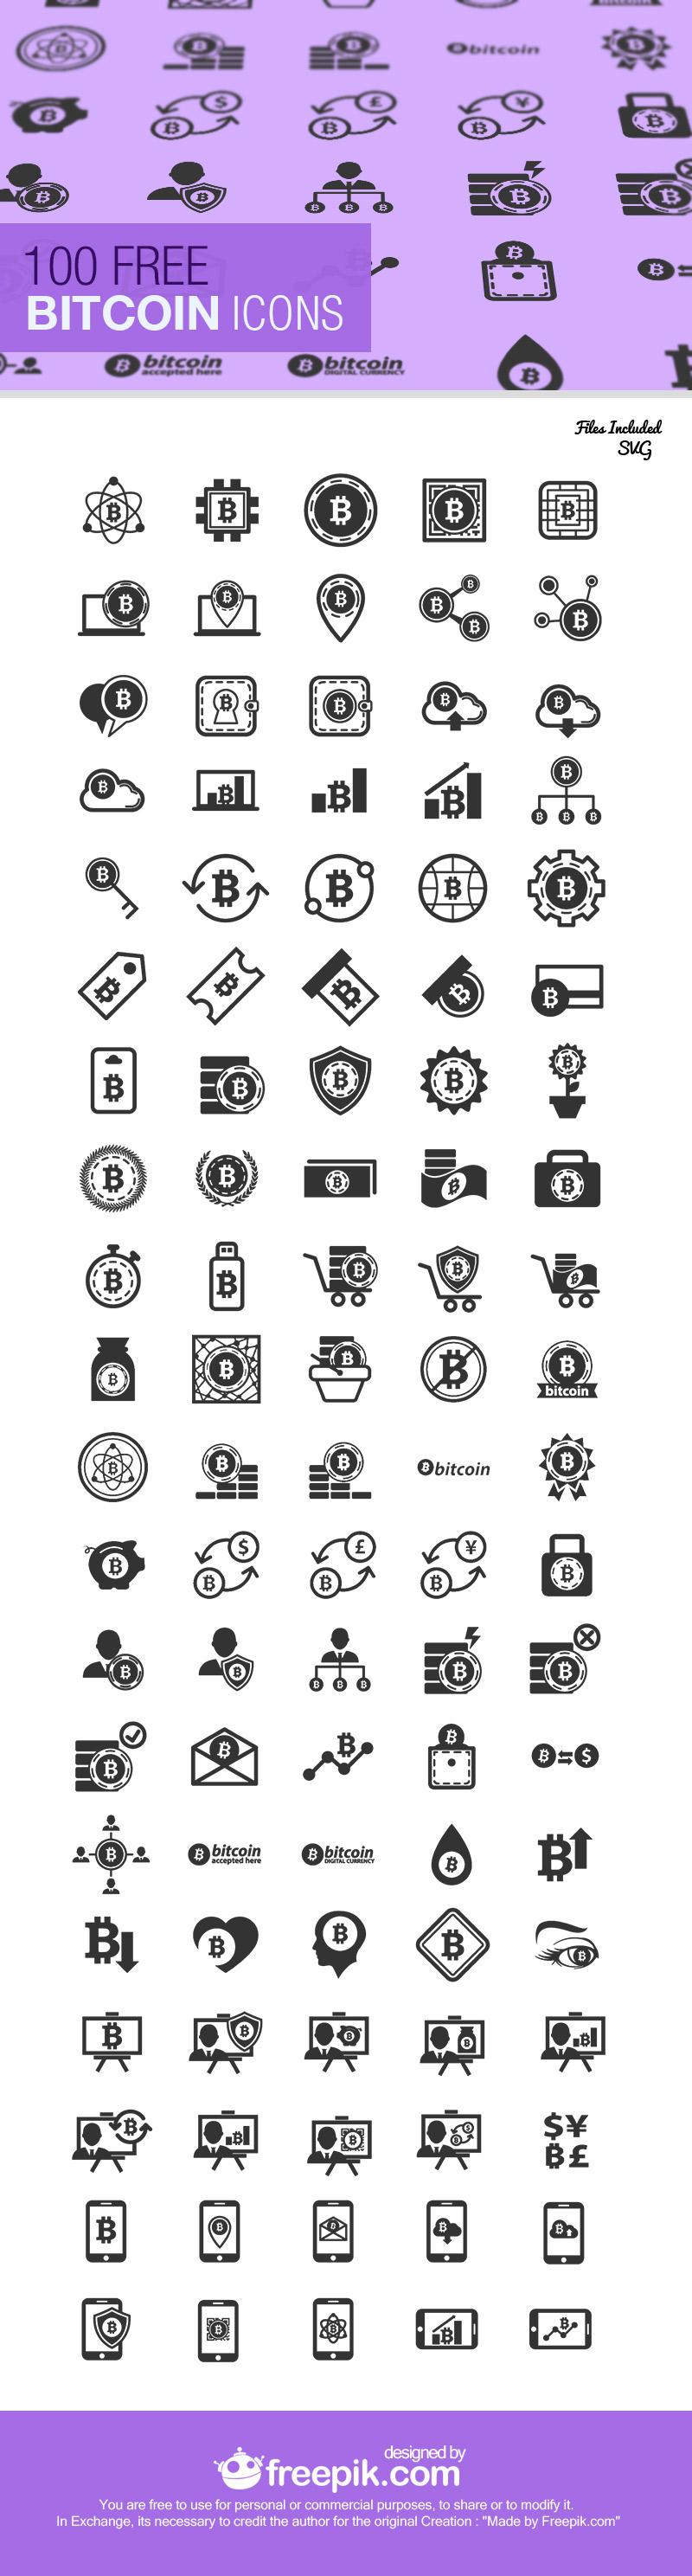 The Bitcoin Icon Set